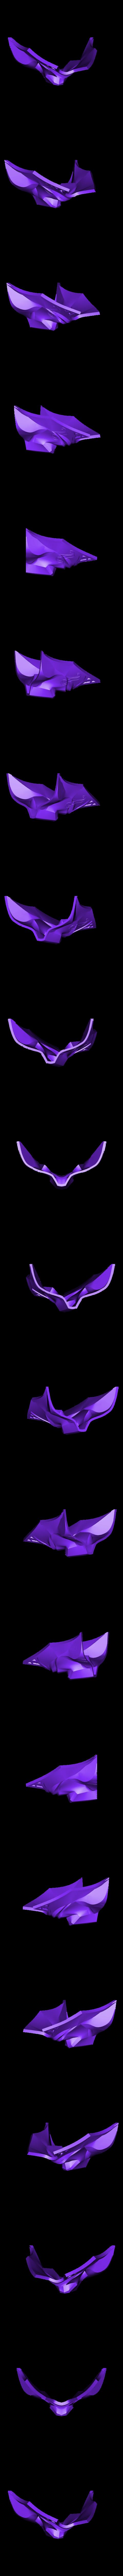 Part2_v2.stl Télécharger fichier STL gratuit Jhin Mask (League of Legends) • Modèle pour impression 3D, VillainousPropShop